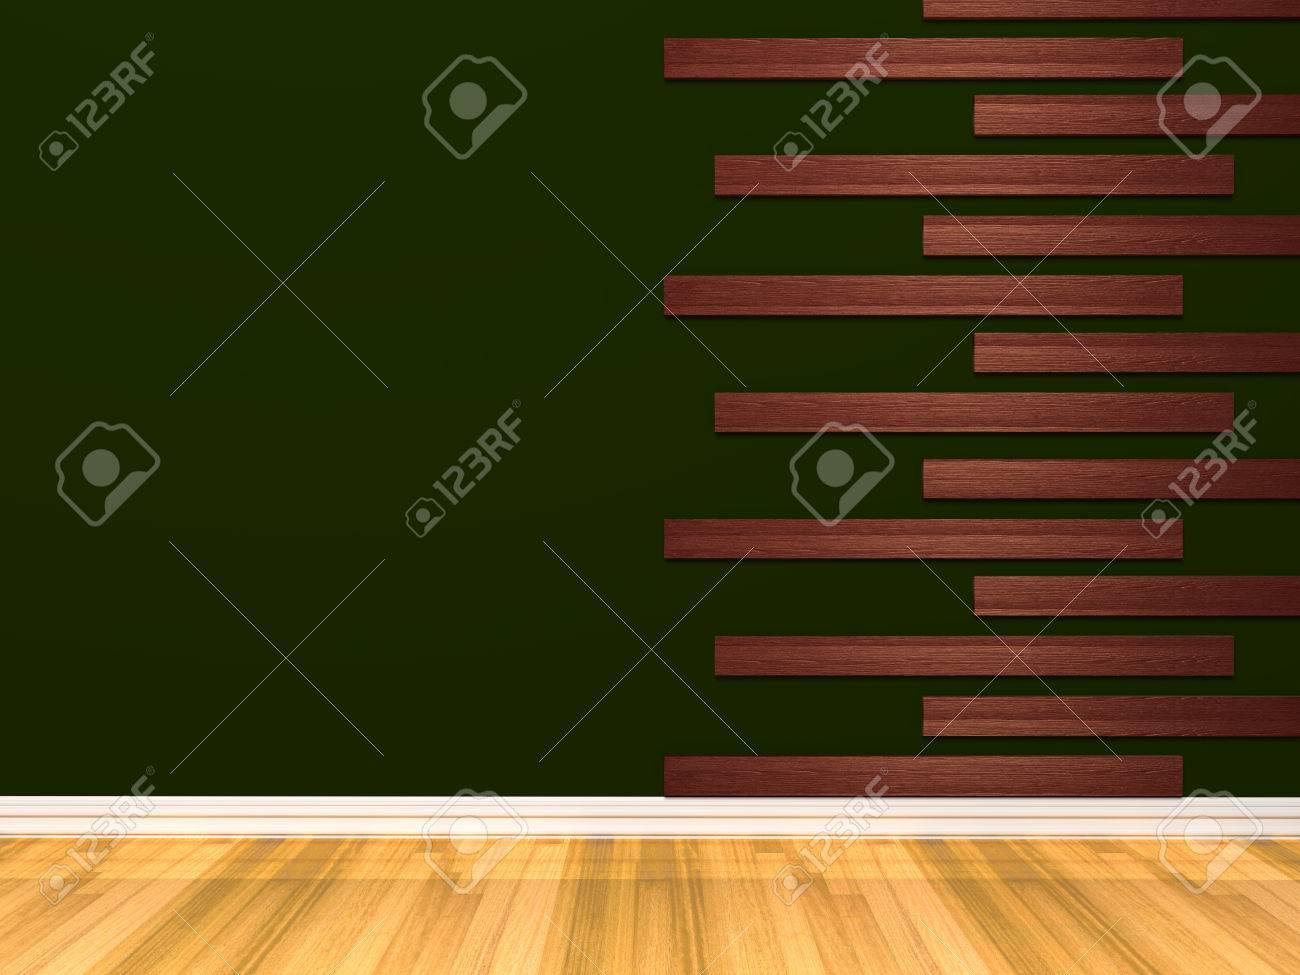 Leere Grüne Zimmer Mit Holzfußboden Und Wandverkleidung Mit